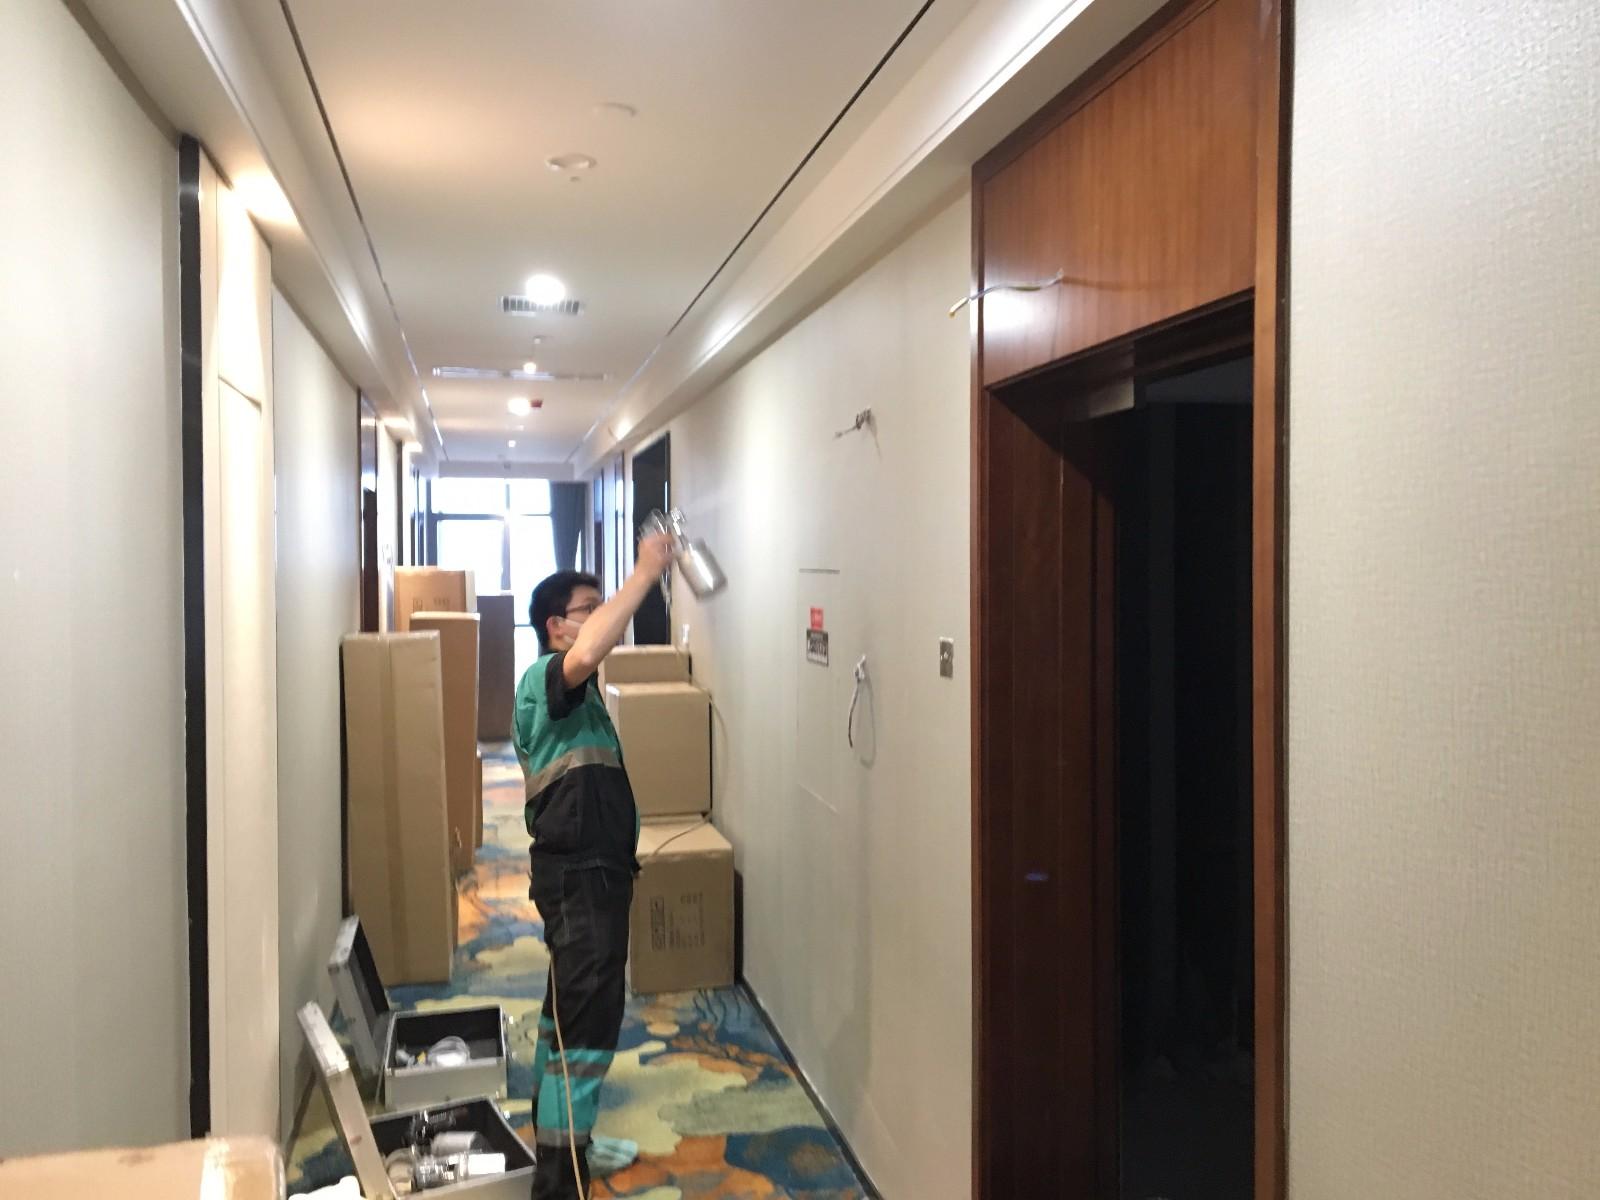 苏美道森酒店室内空气治理|新闻动态-武汉小小叶子环保科技有限公司